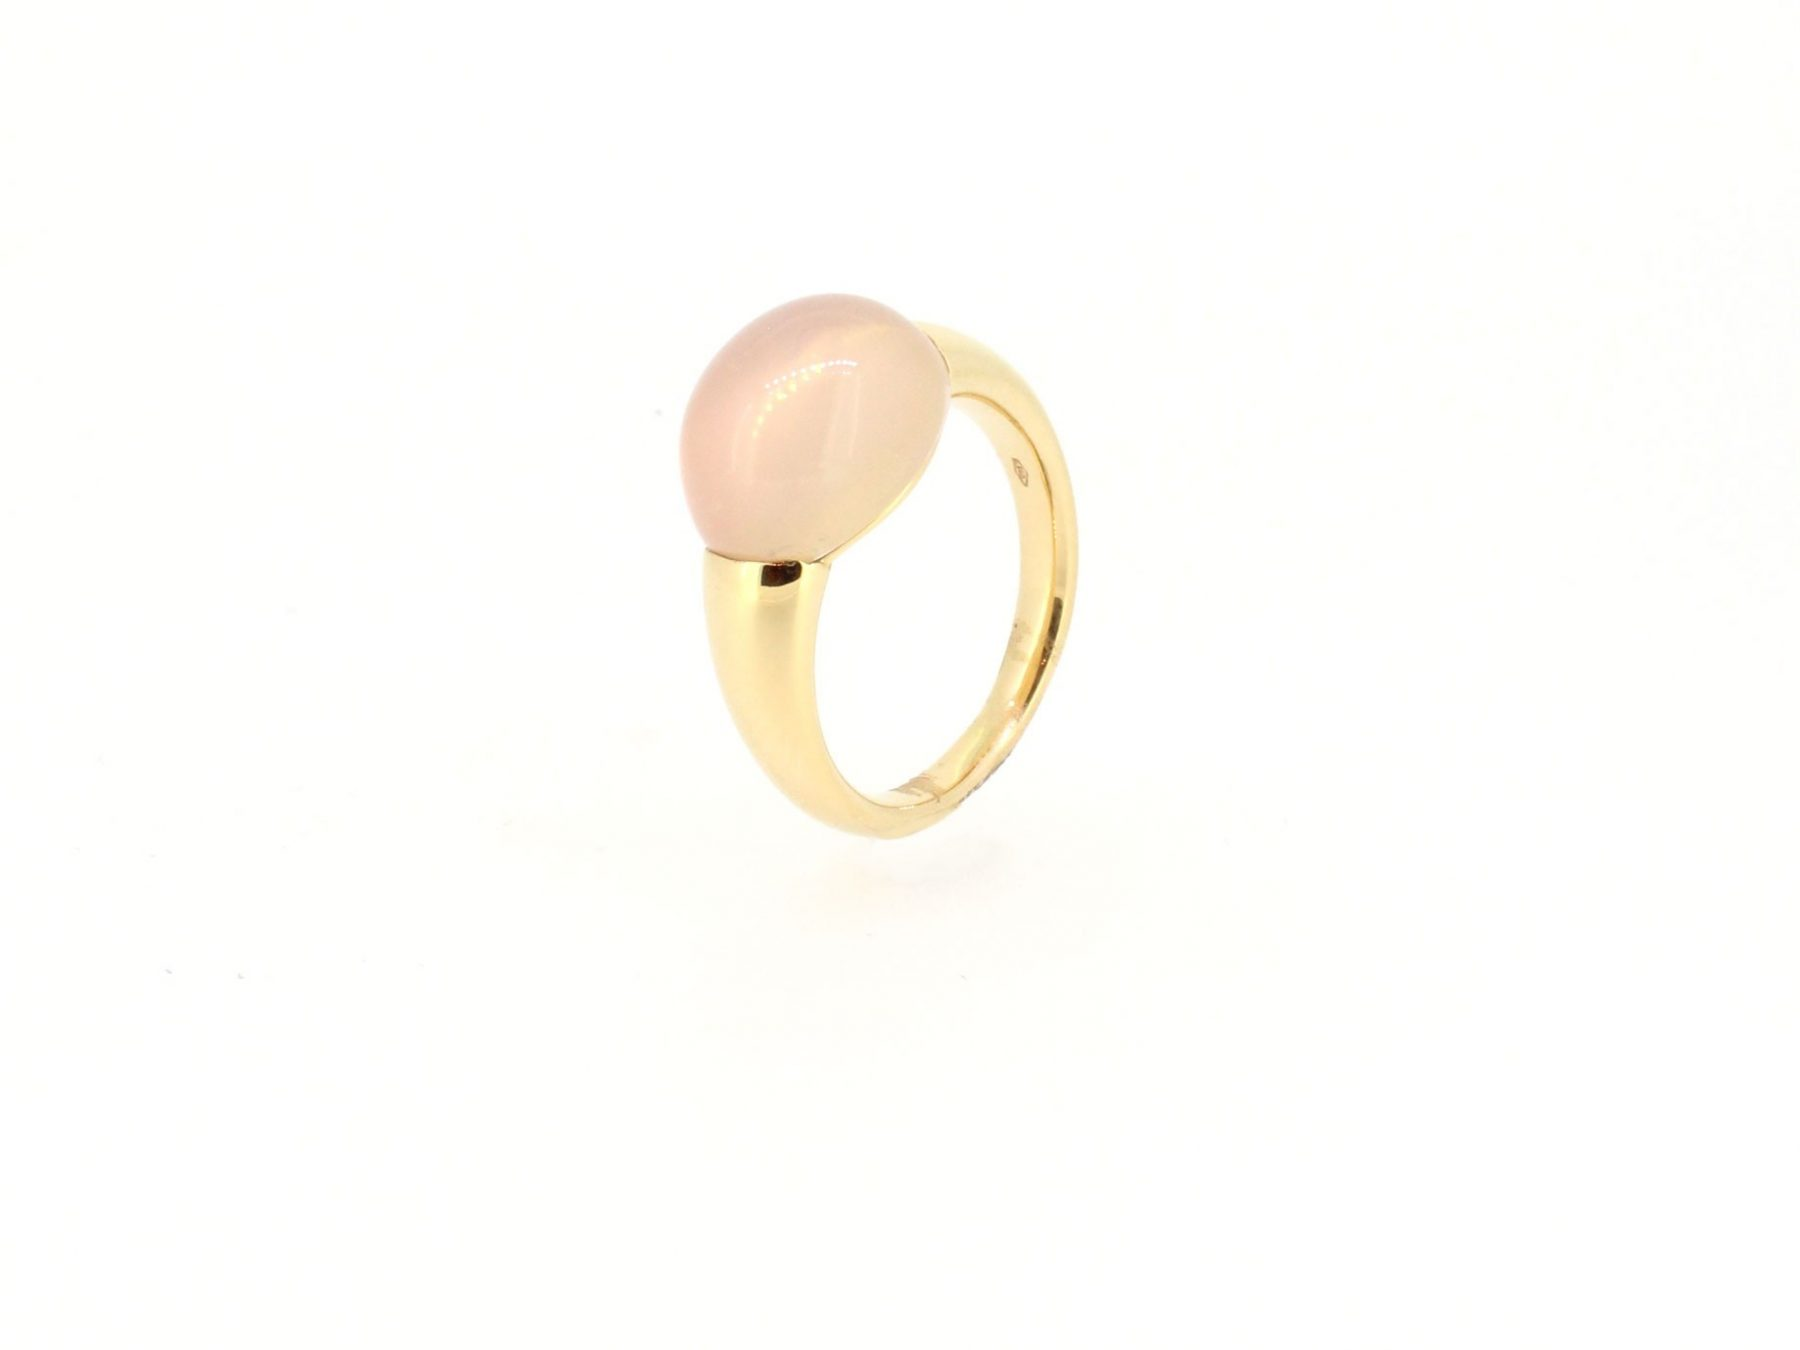 Ring Rosenquarz 18ct Roségold - GalerieVoigt - 46711Ros